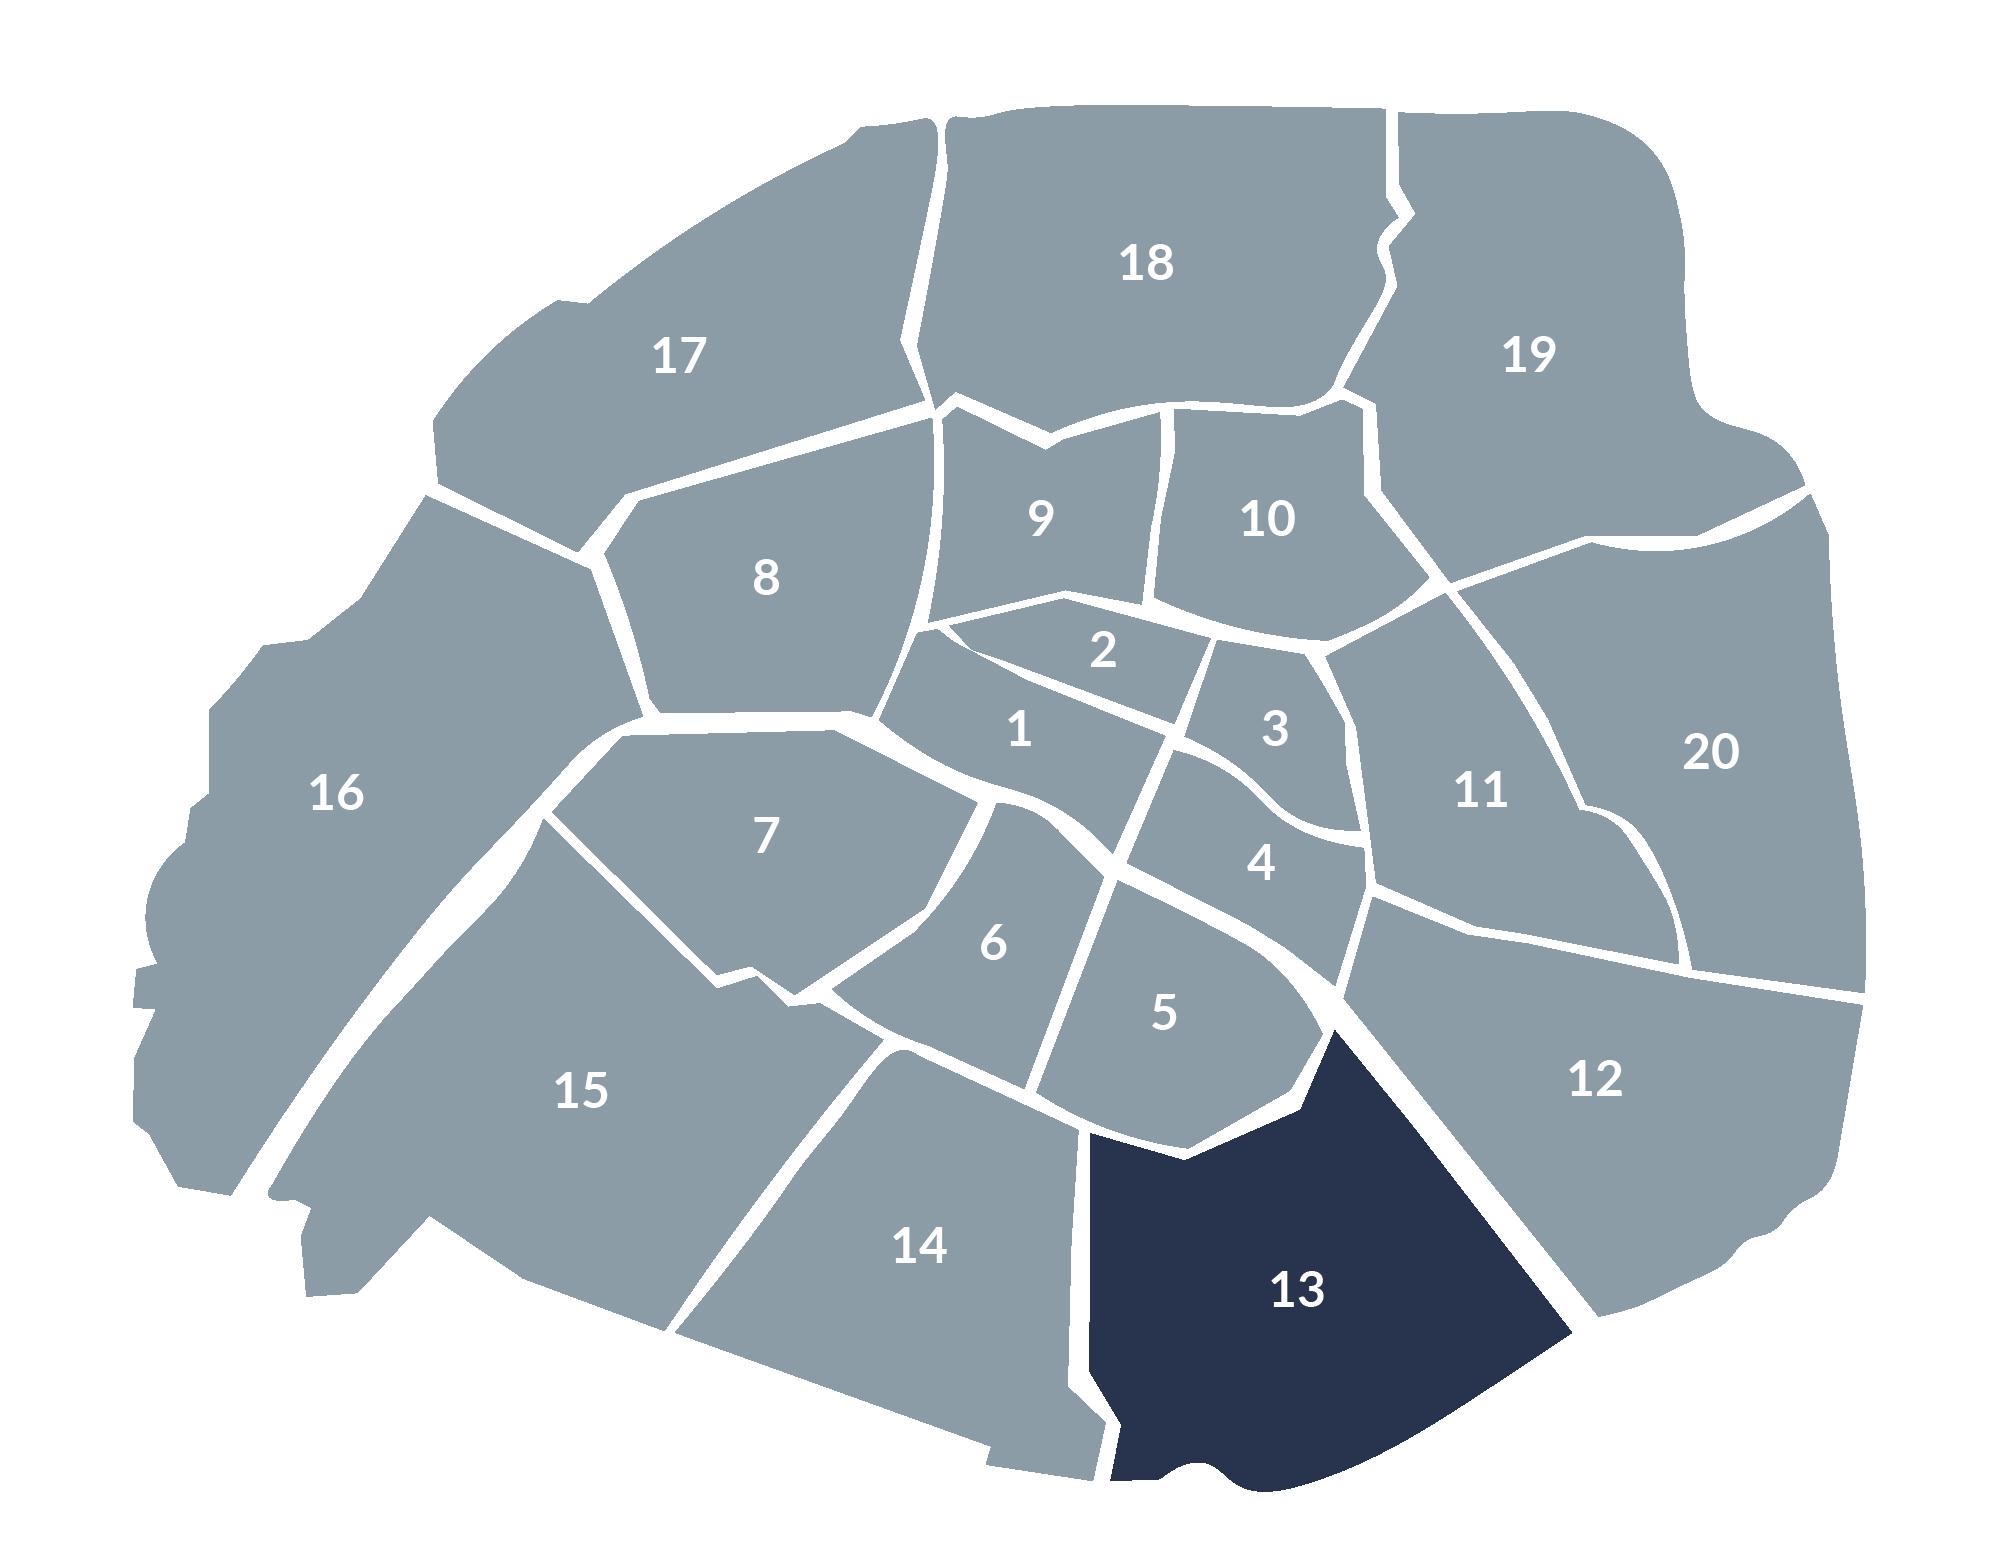 carte paris 13e arrondissement